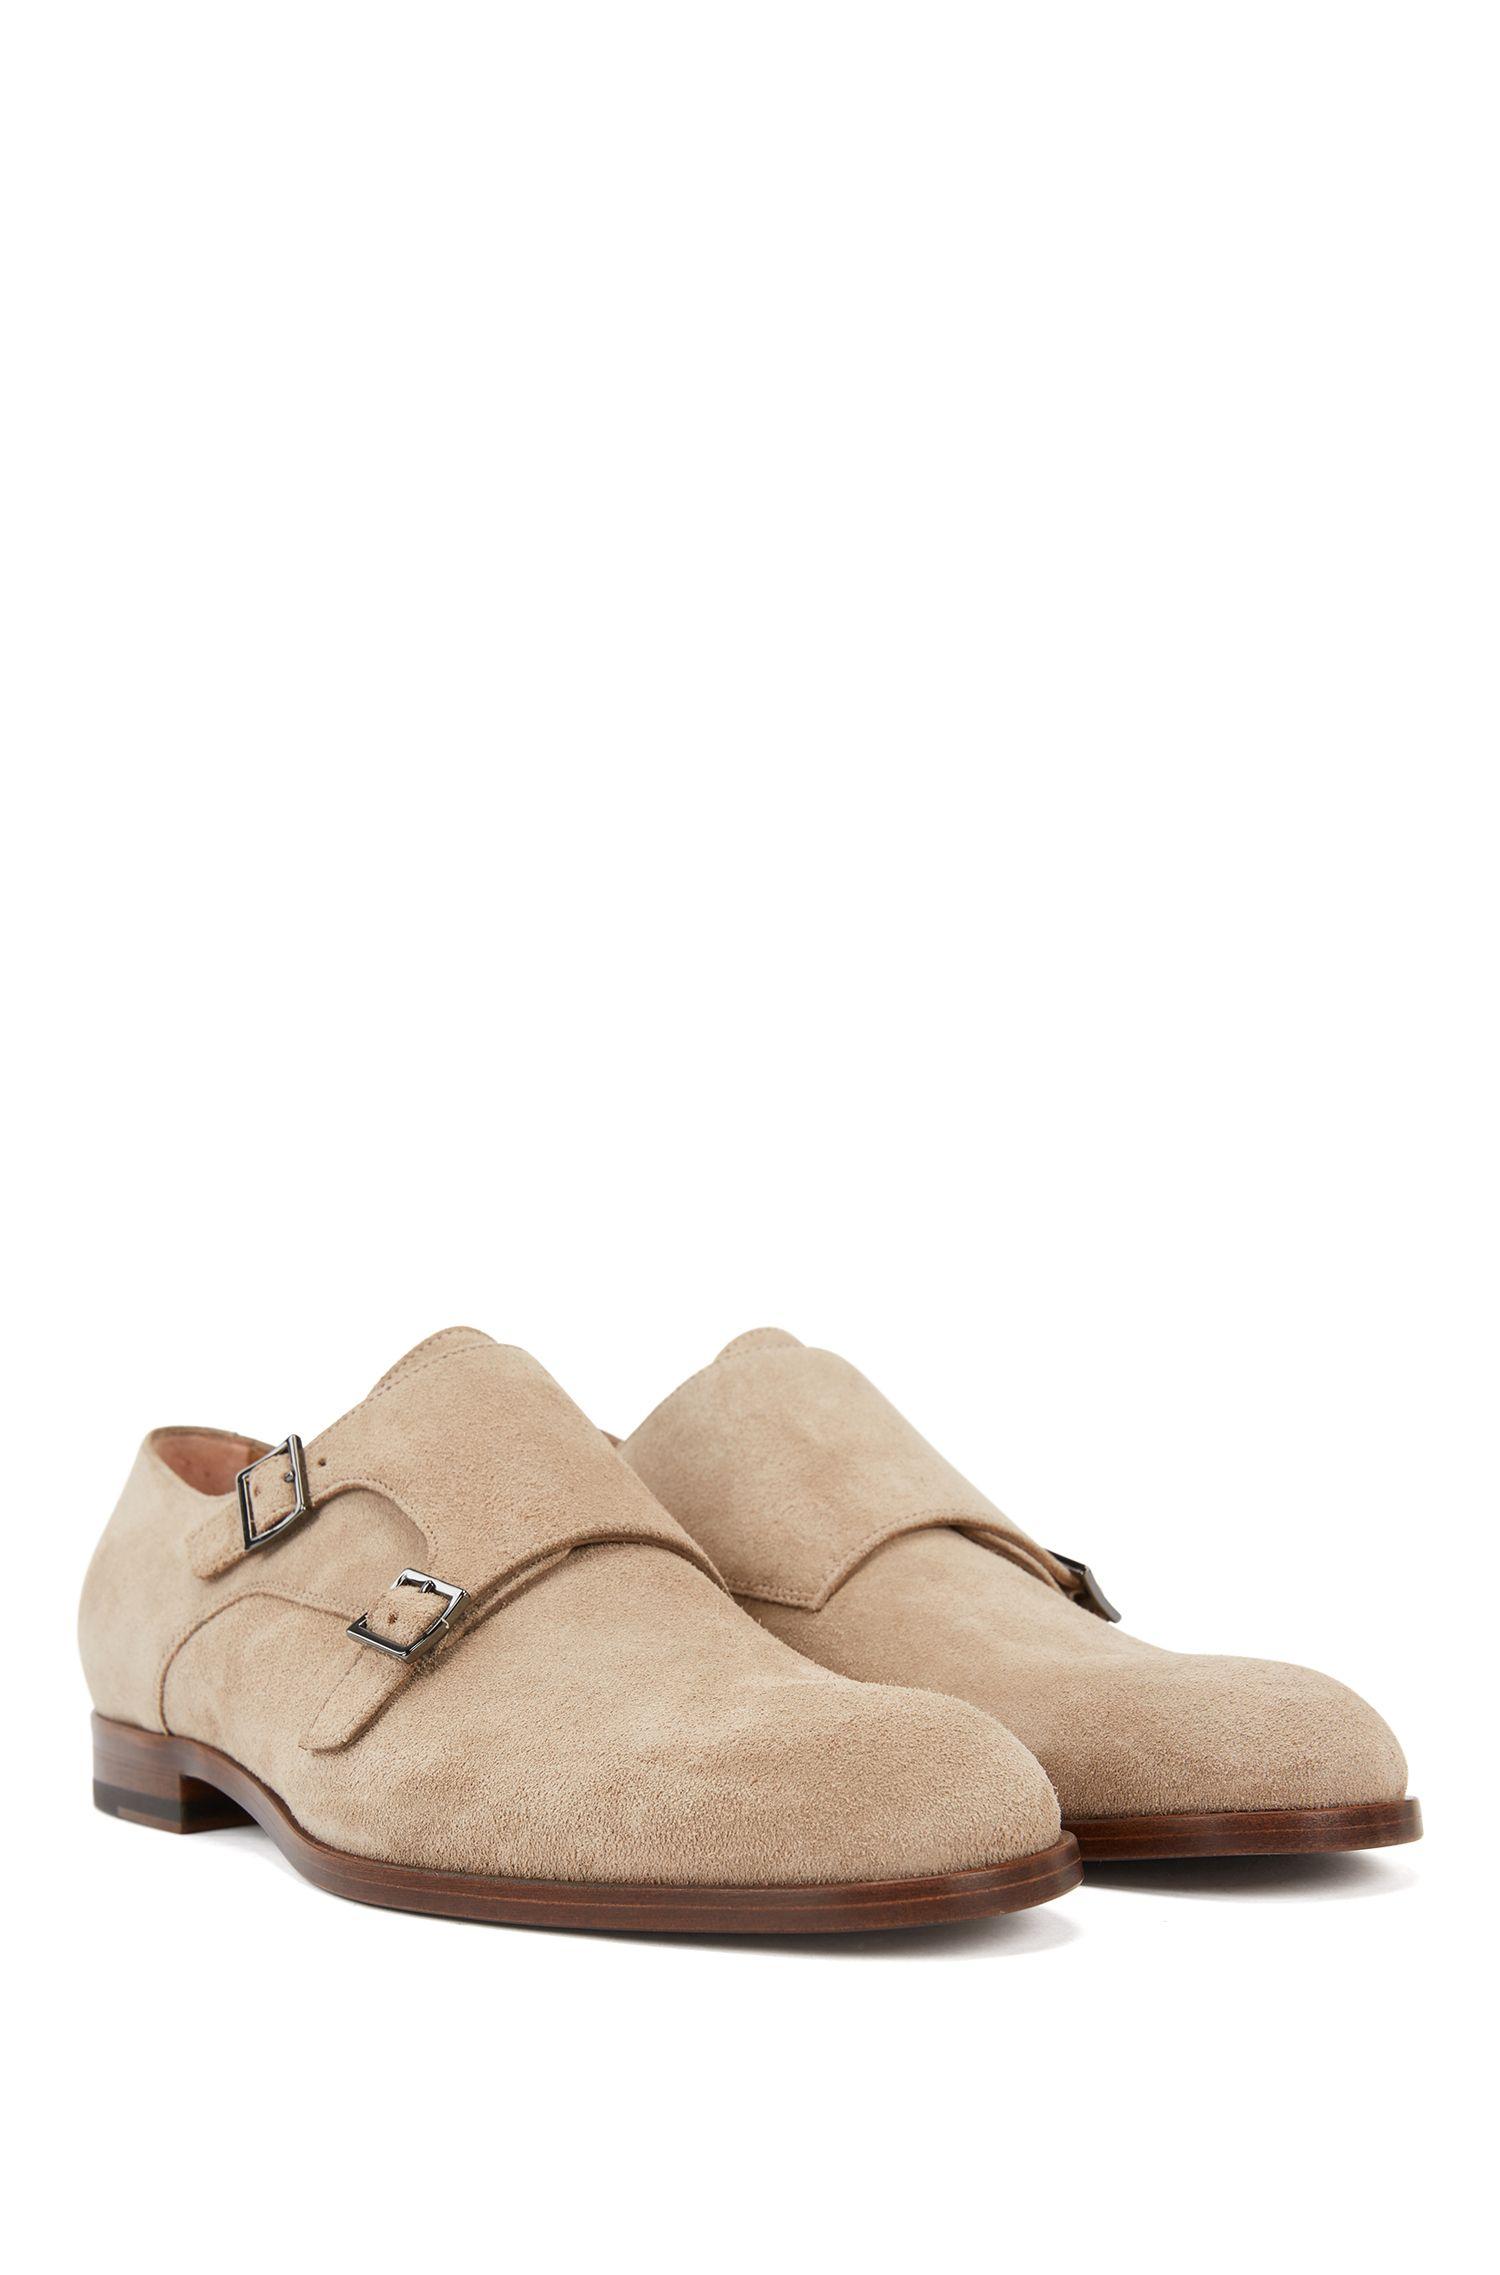 Zapatos de ante con doble hebilla y suela clara, Beige